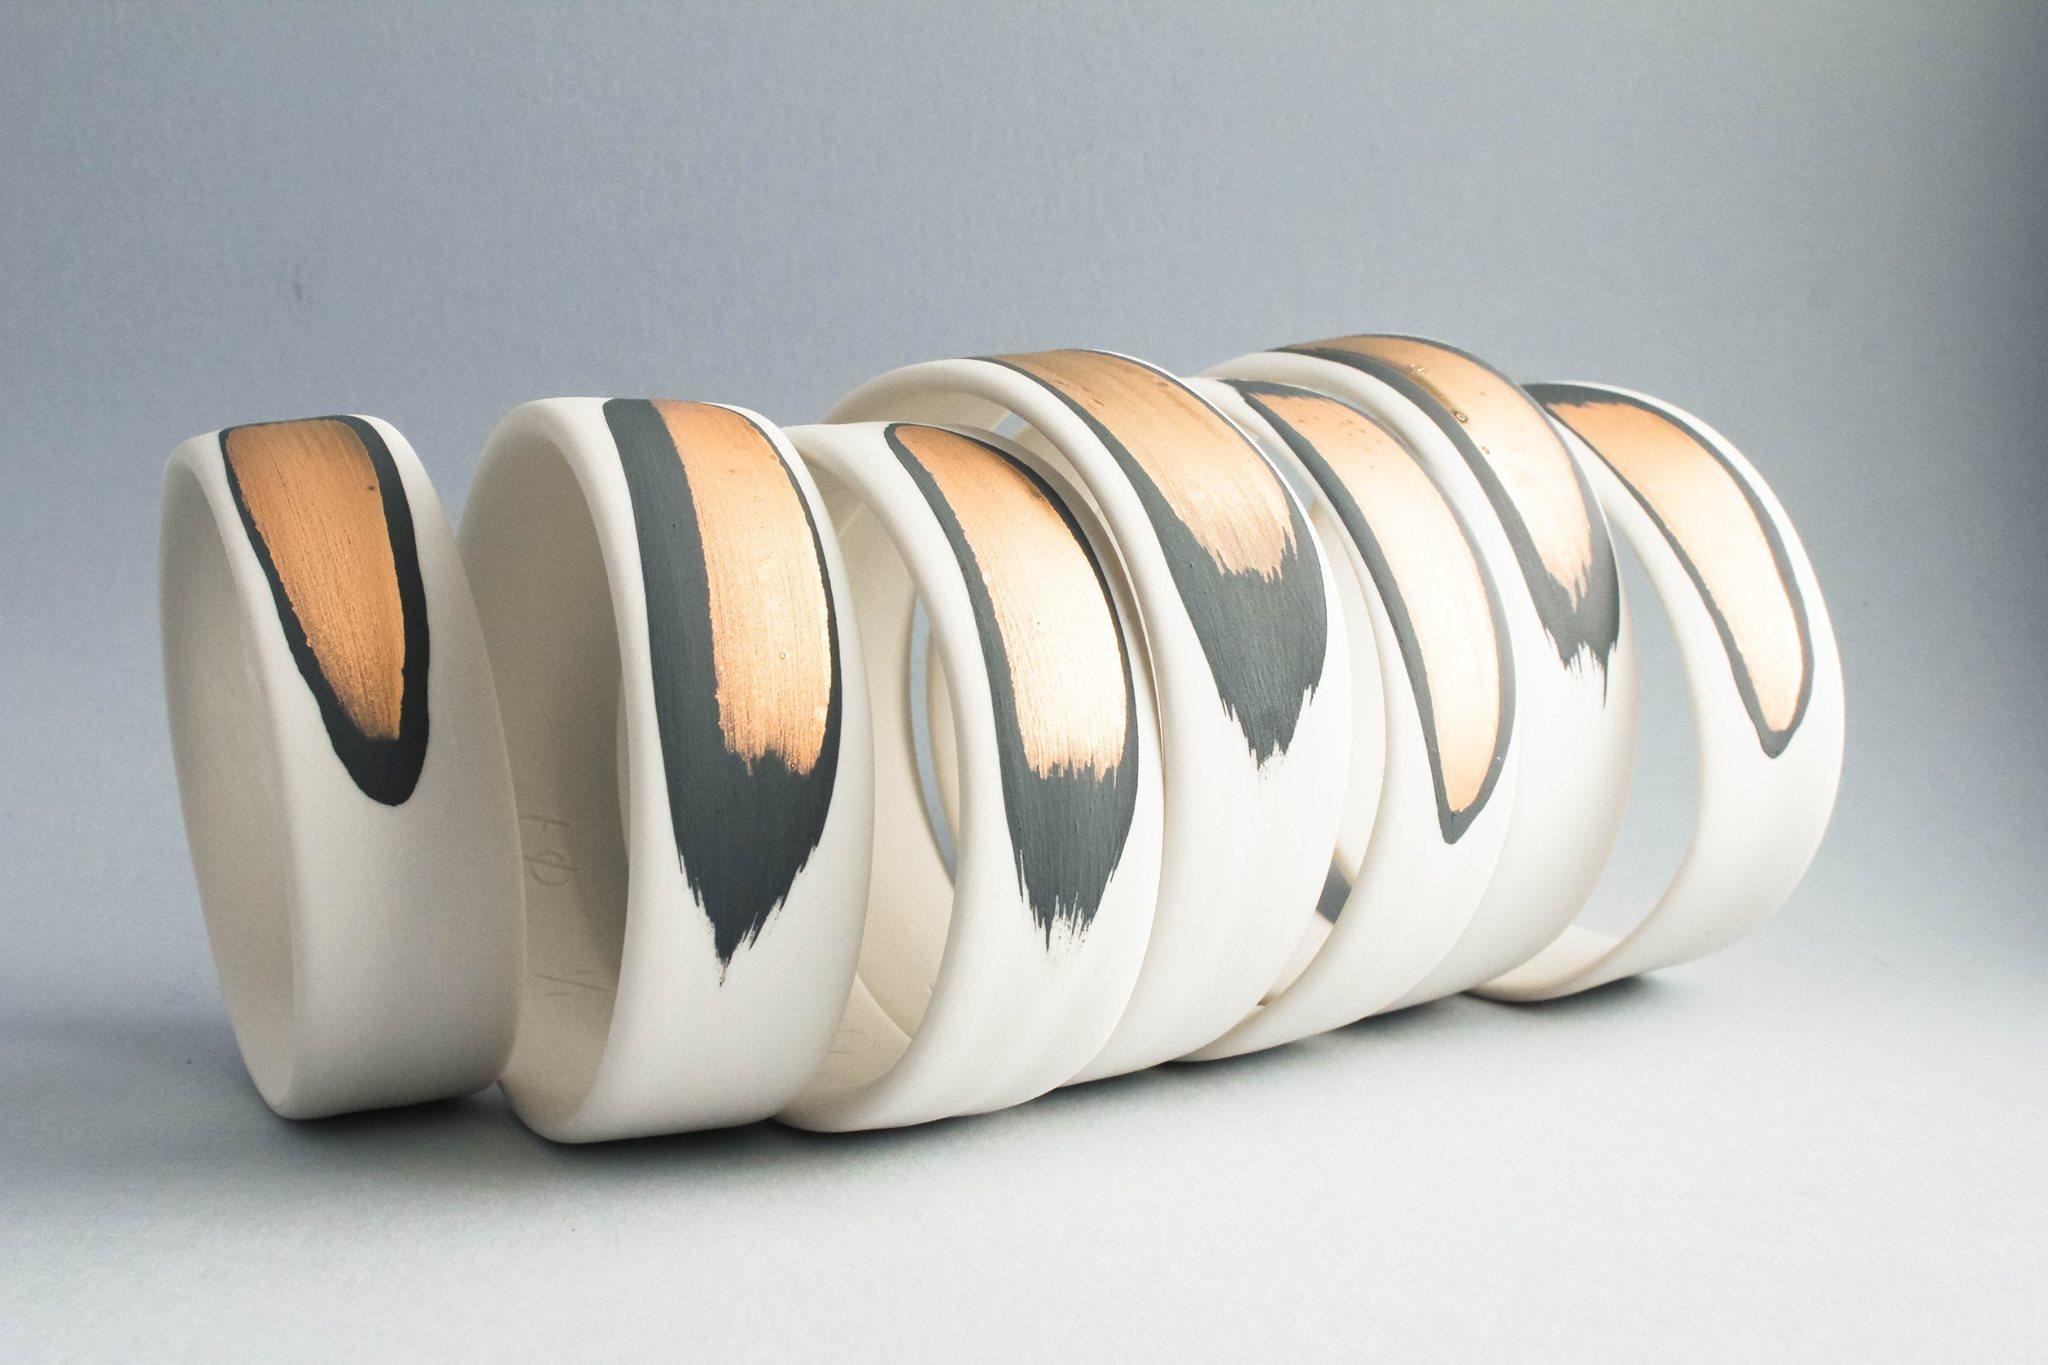 création de bracelet par Umi Studio